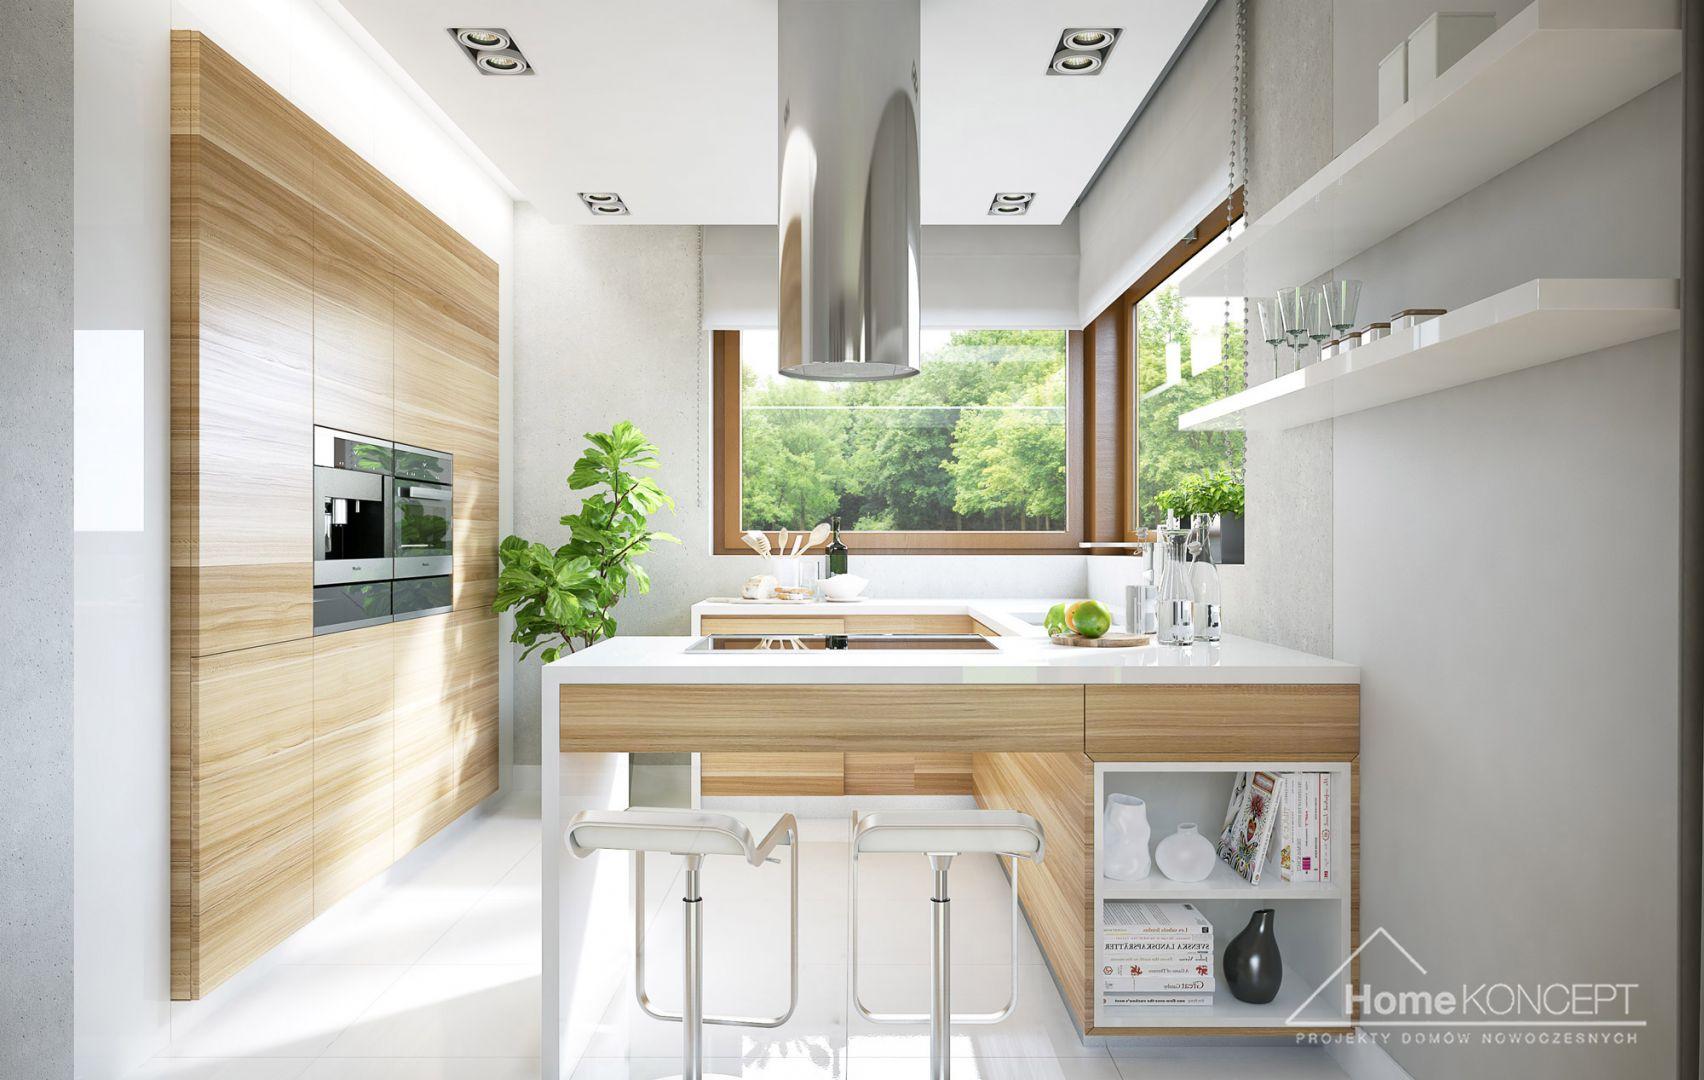 W nowocześnie urządzonej kuchni nie brakuje miejsca do przygotowywania codziennych posiłków. Fot. HomeKONCEPT